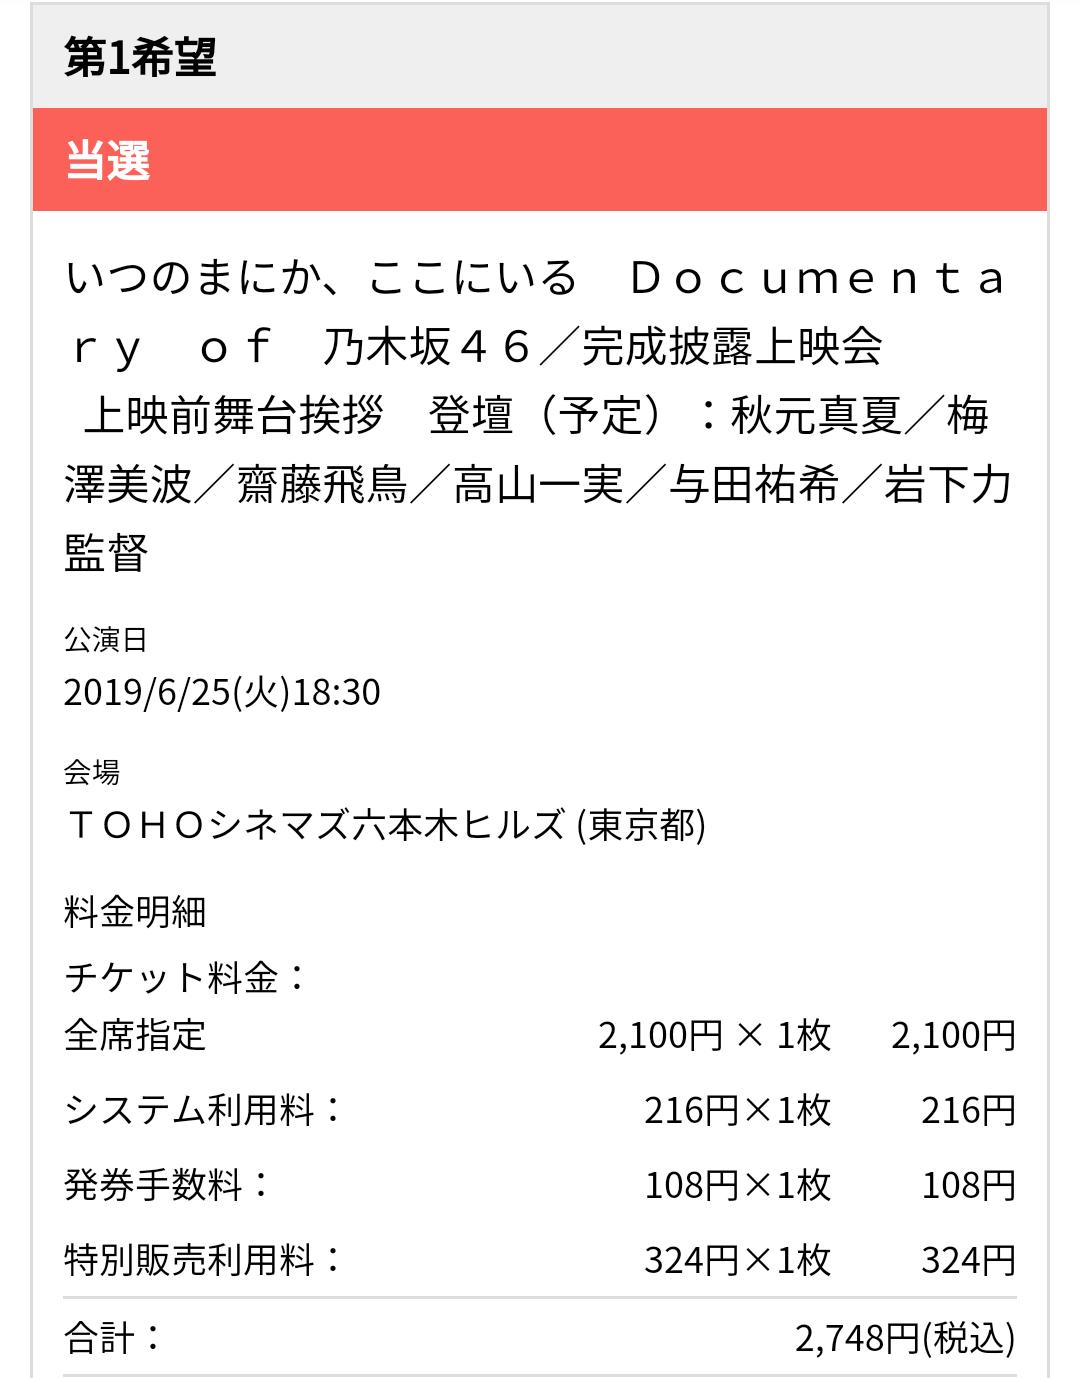 『いつのまにか、ここにいる Documentary of 乃木坂46』完成披露上映会